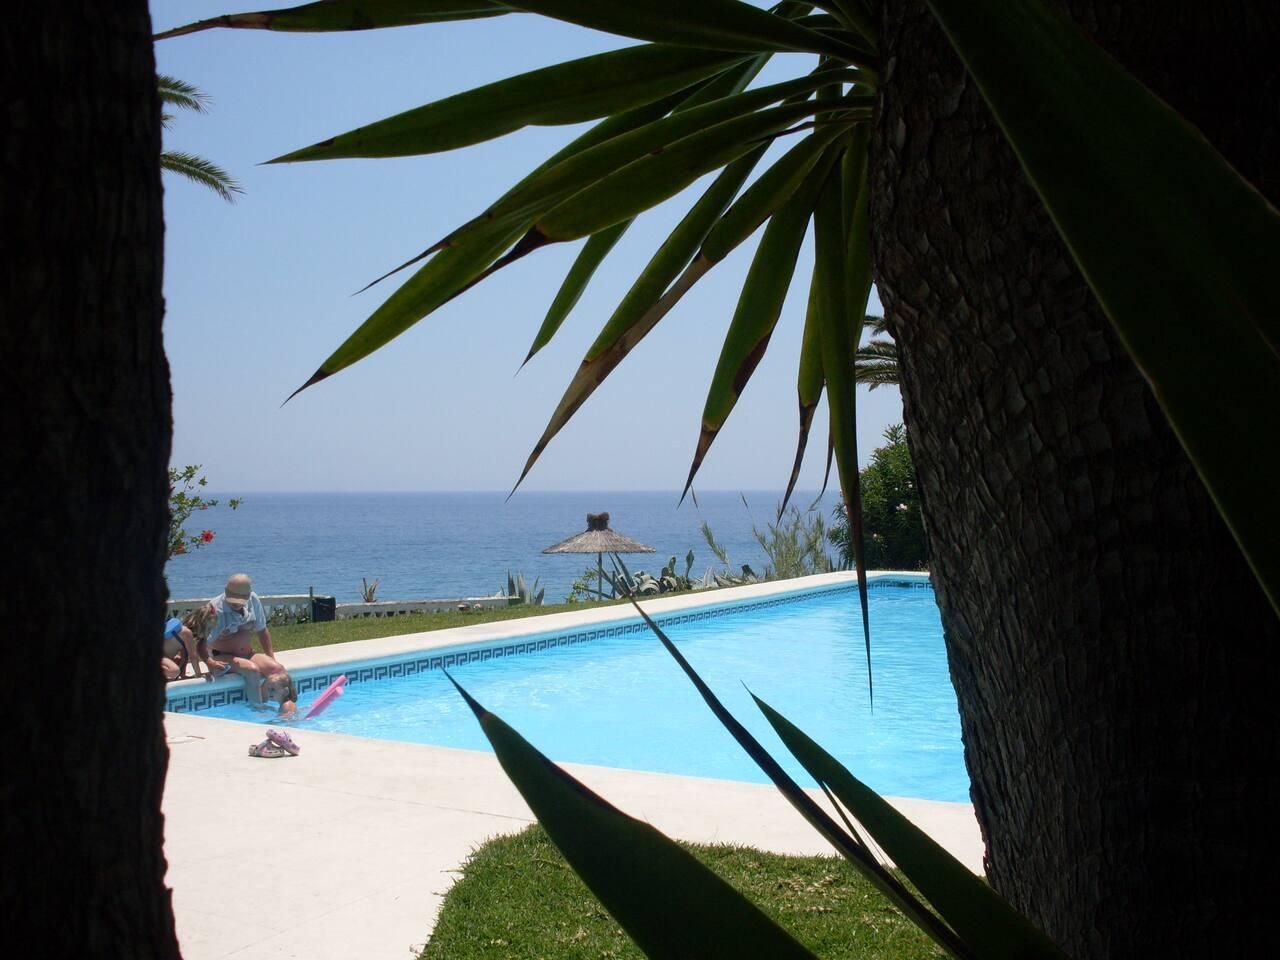 Views from our garden: Mediterranean pleasures